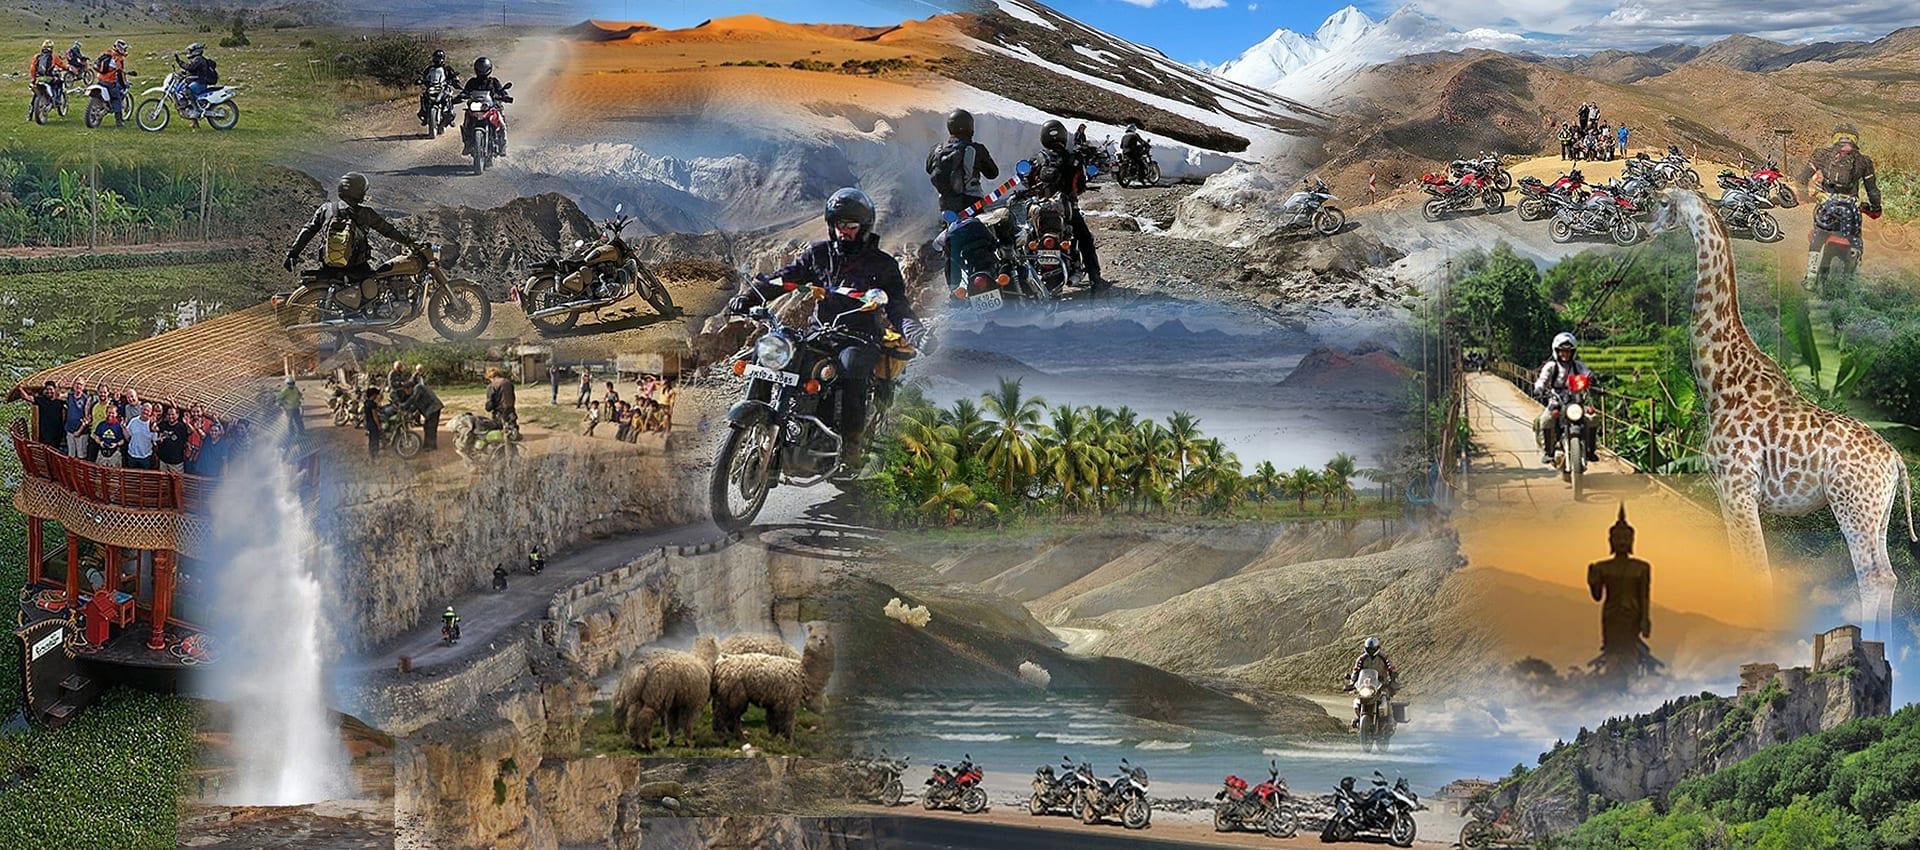 Overzicht van de populaire, meest geboekte motorreizen van Travel 2 Explore